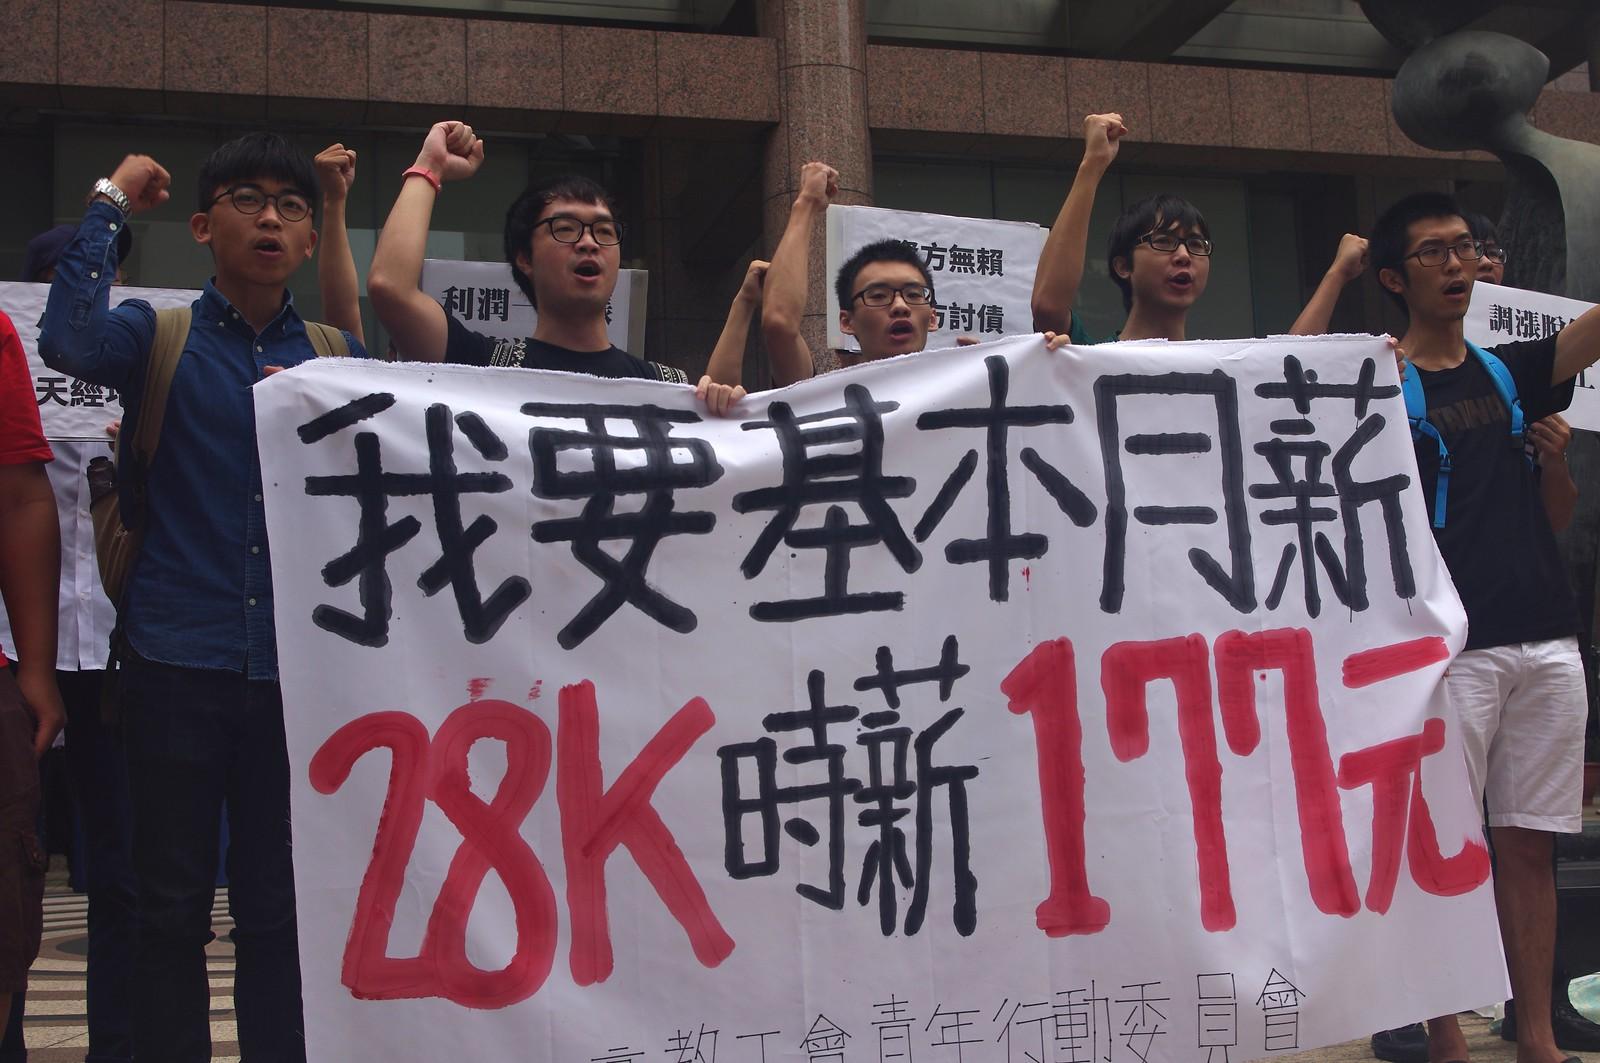 高教工會等團體上午在勞動部外抗議。(攝影:高若想)